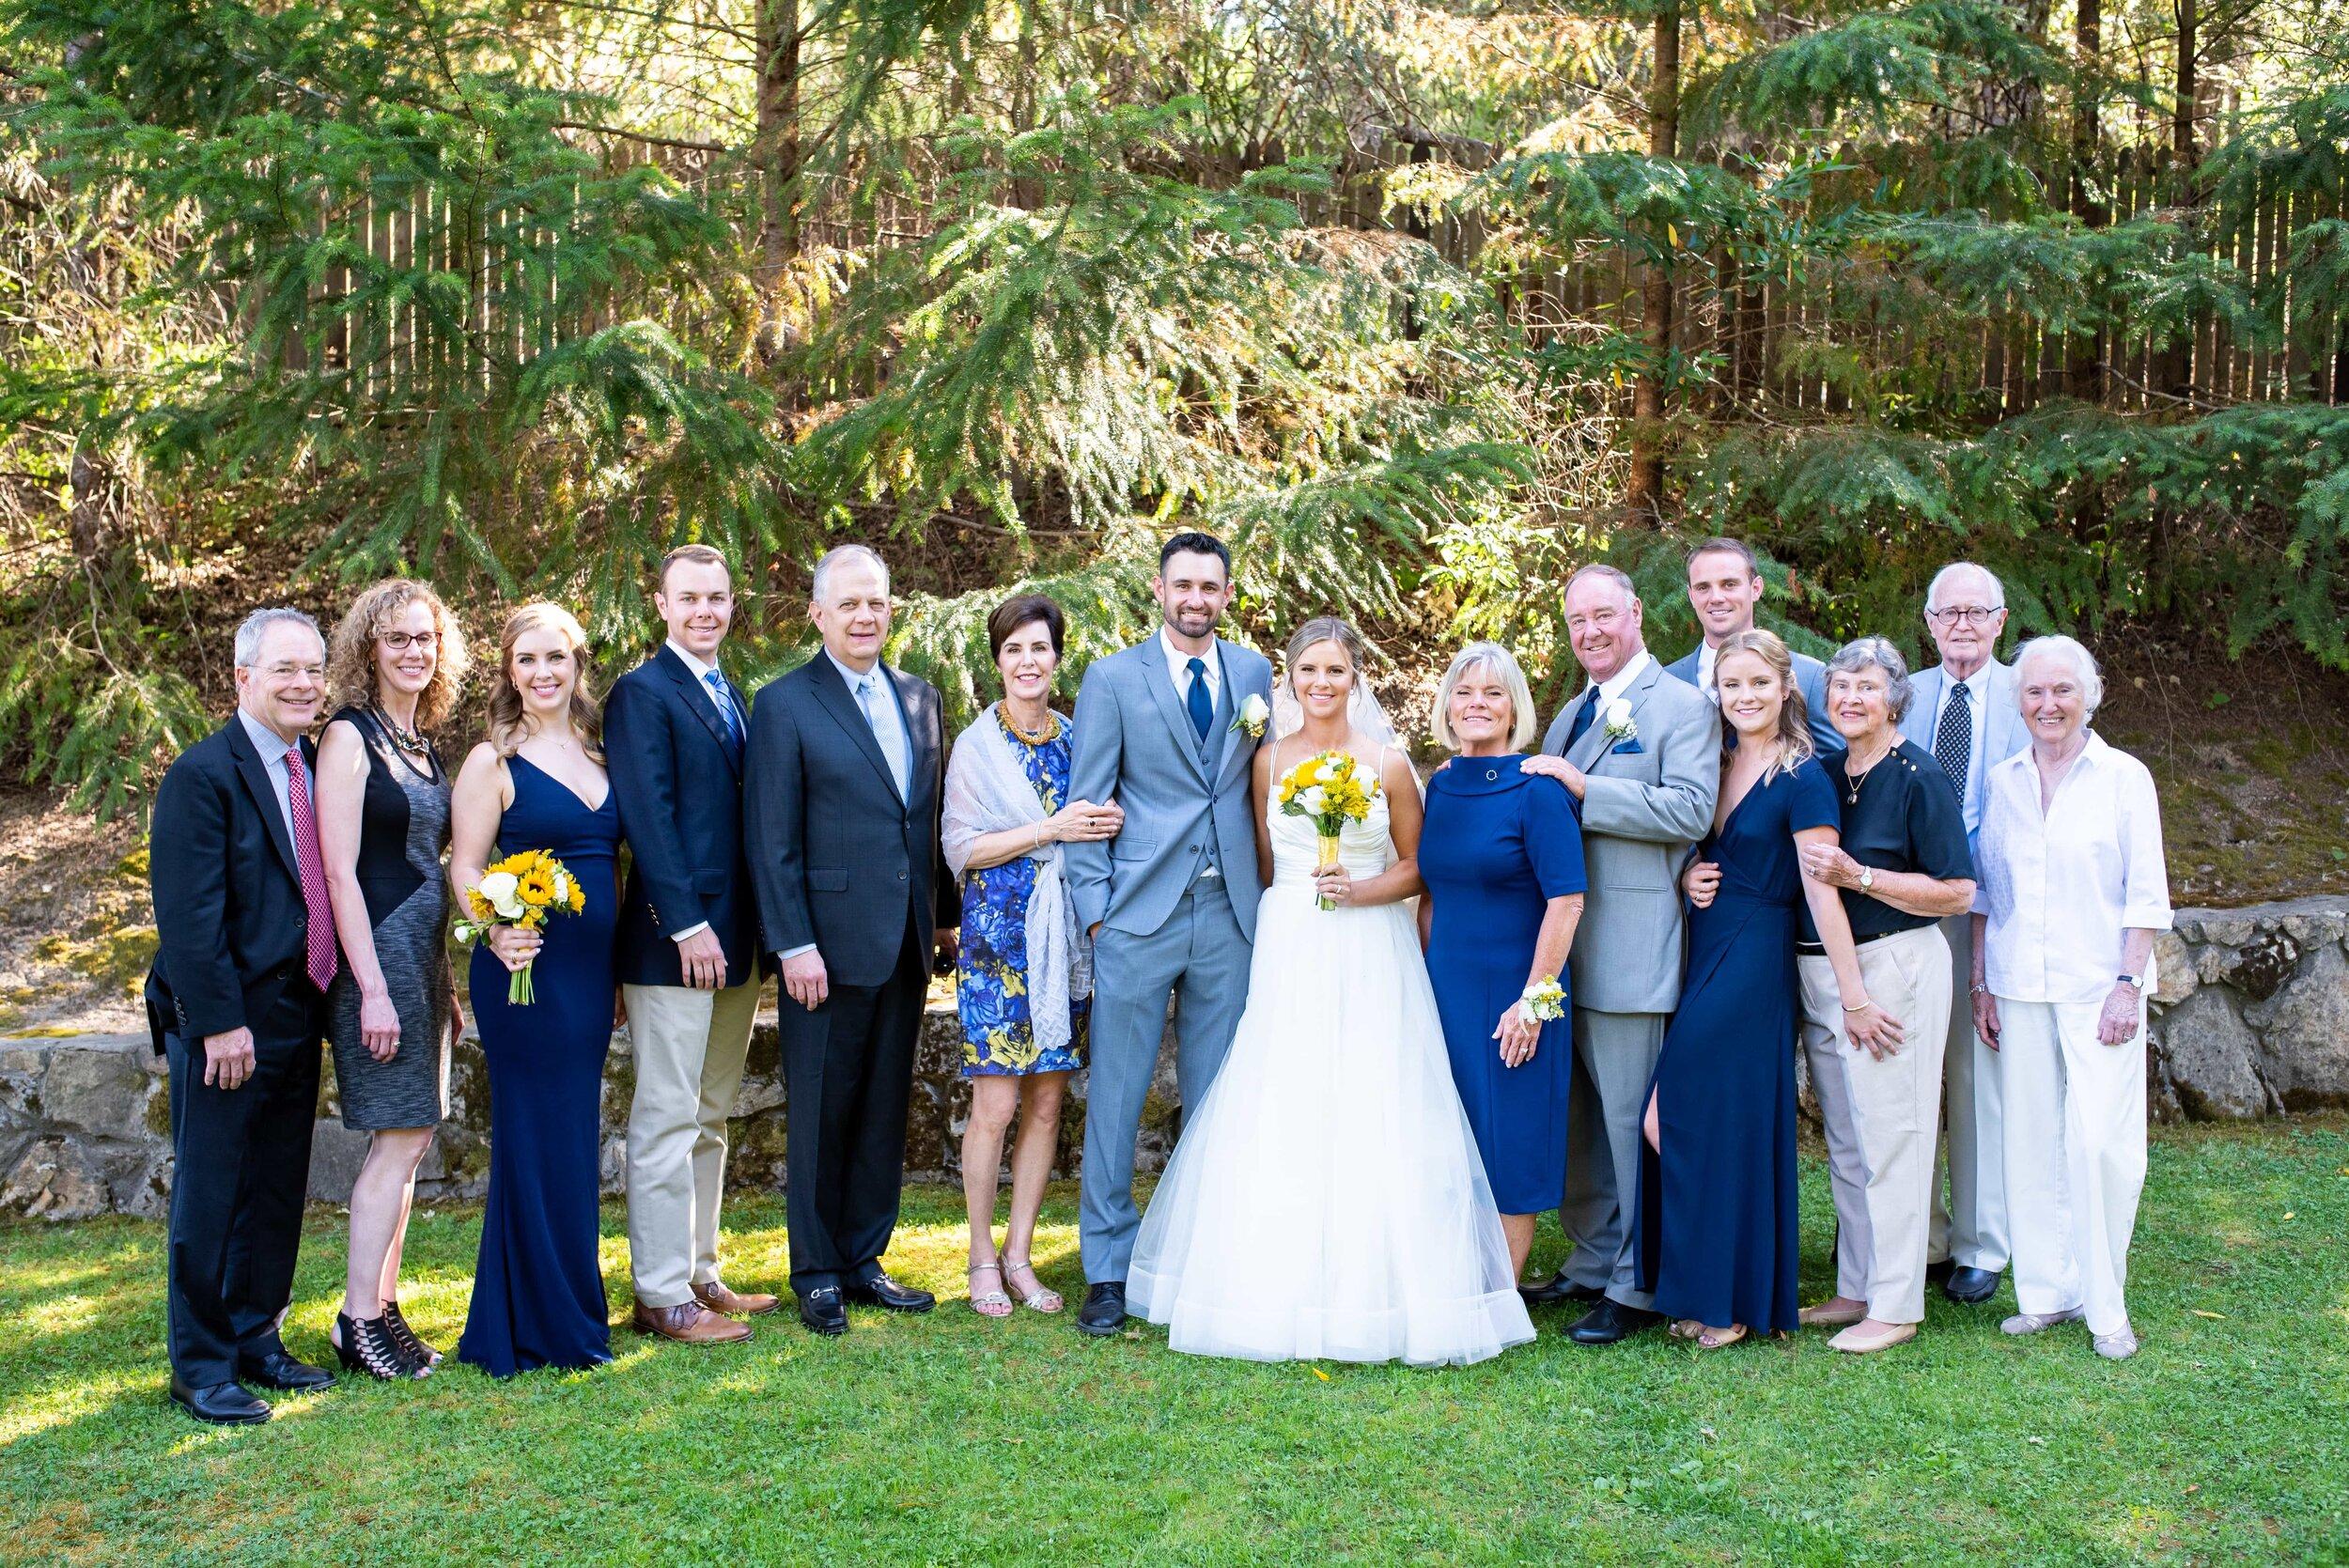 Family portrait following wedding ceremony in Los Gatos